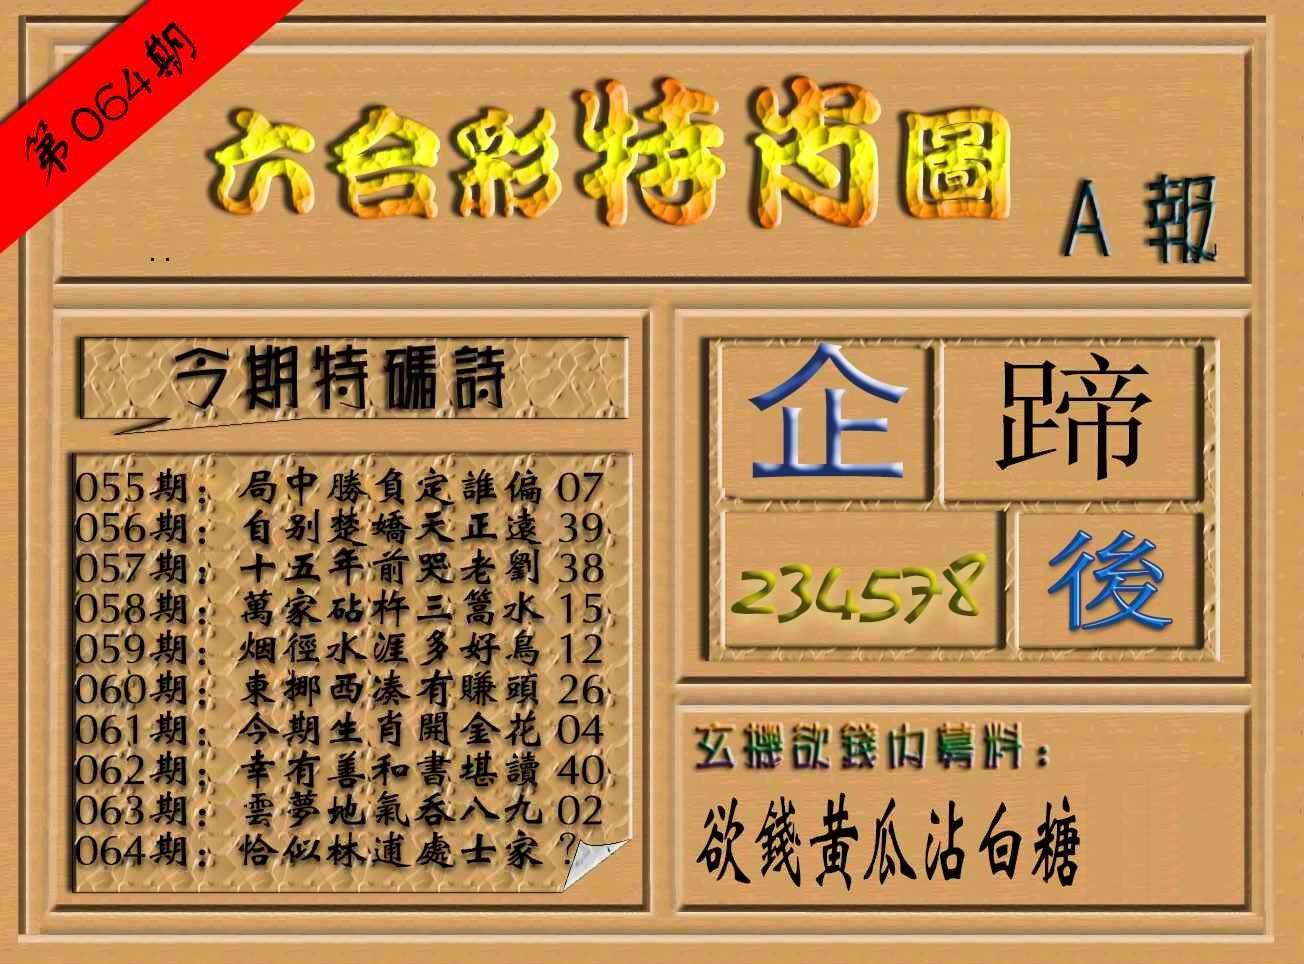 064期六合彩特肖图(A报)